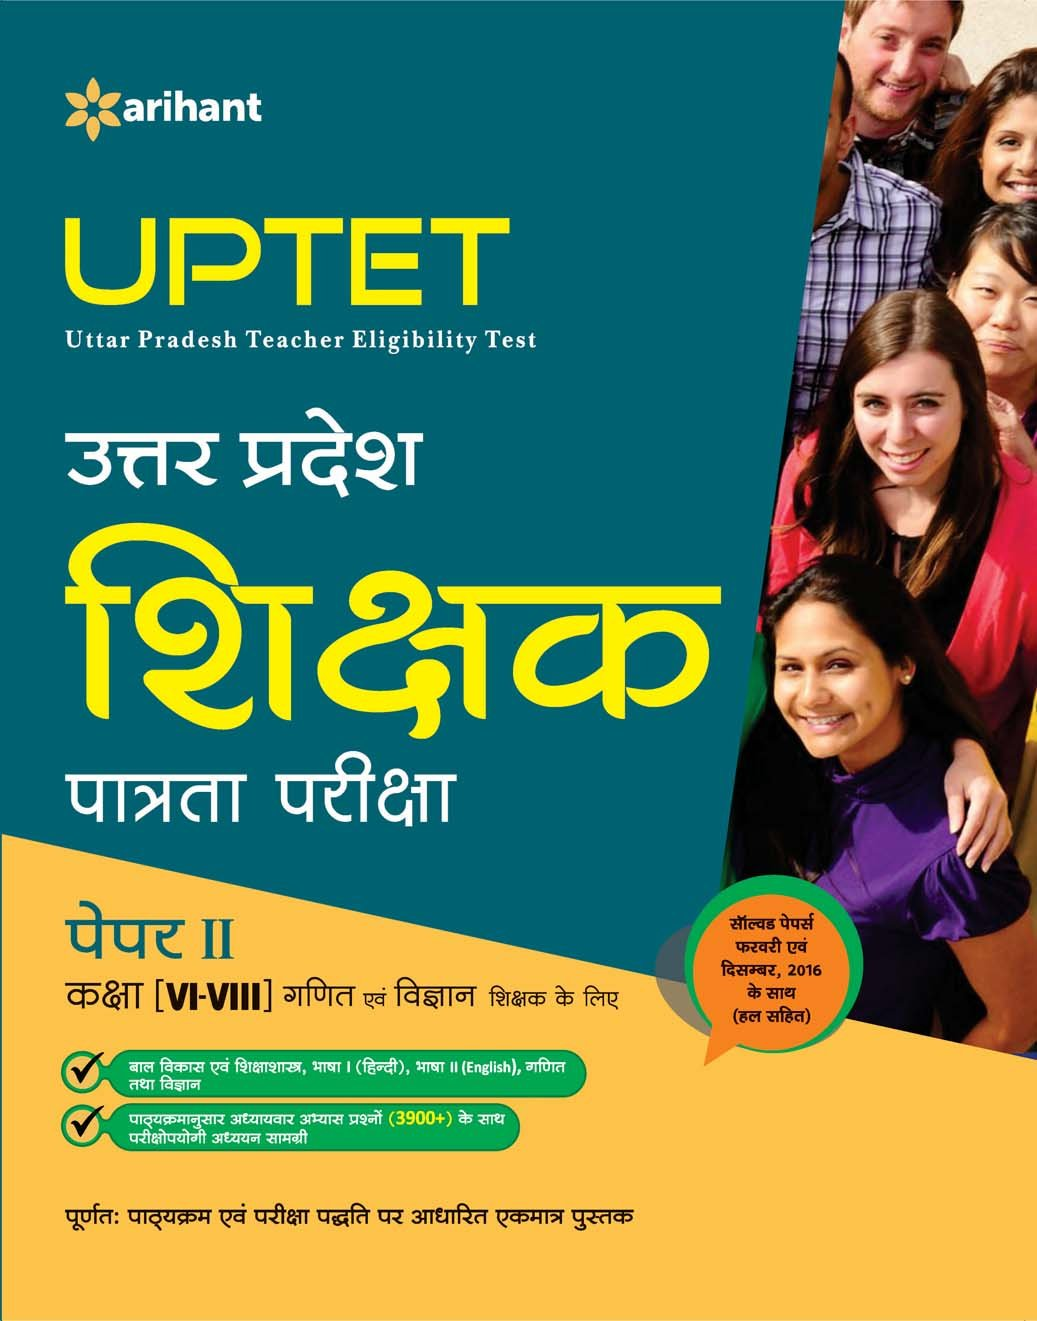 Download UPTET Uttar Pradesh Shikshak Patrata Pariksha Paper-II (Class VI-VIII) Ganit Avum Vigyan Shikshak ke Liye PDF